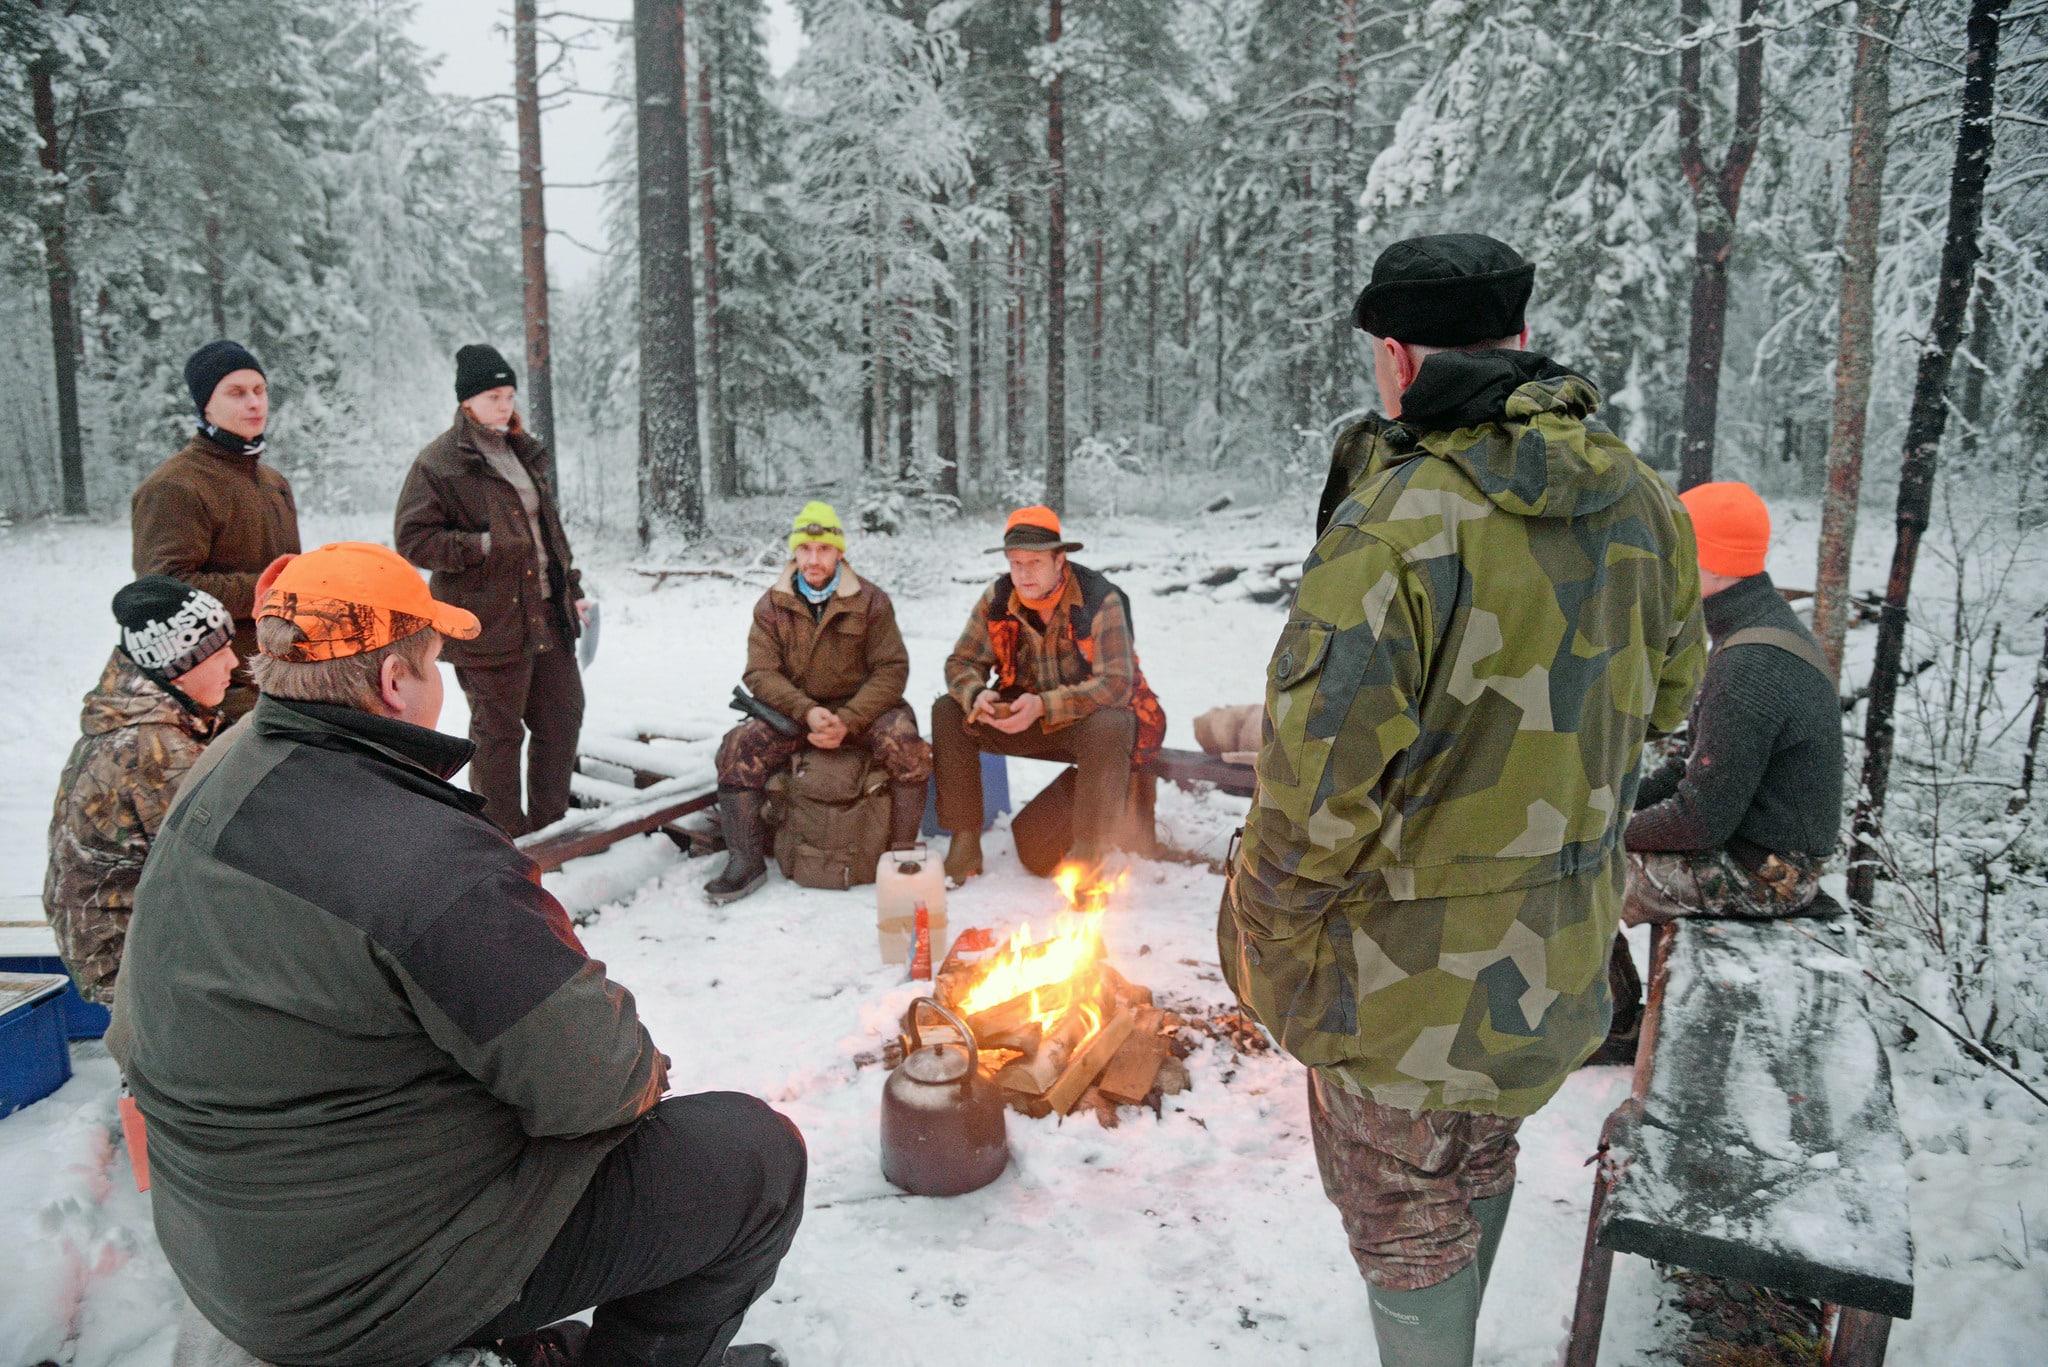 Jägarna uppmanas att föra etikdiskussioner öppet och med ödmjukhet. Foto: Lars-Henrik Andersson